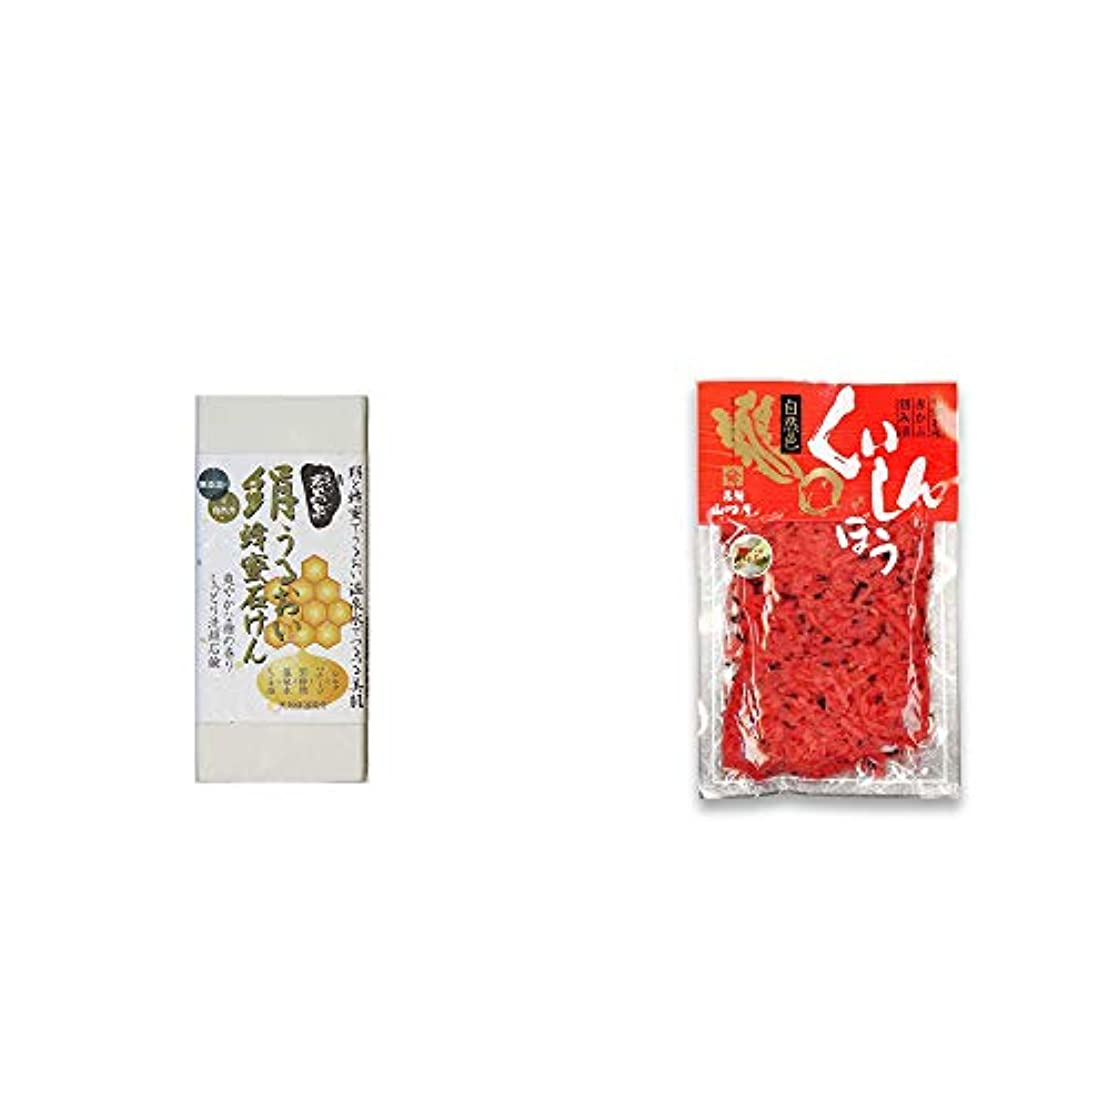 配管工紫のぼかし[2点セット] ひのき炭黒泉 絹うるおい蜂蜜石けん(75g×2)?飛騨山味屋 くいしんぼう【小】 (160g)